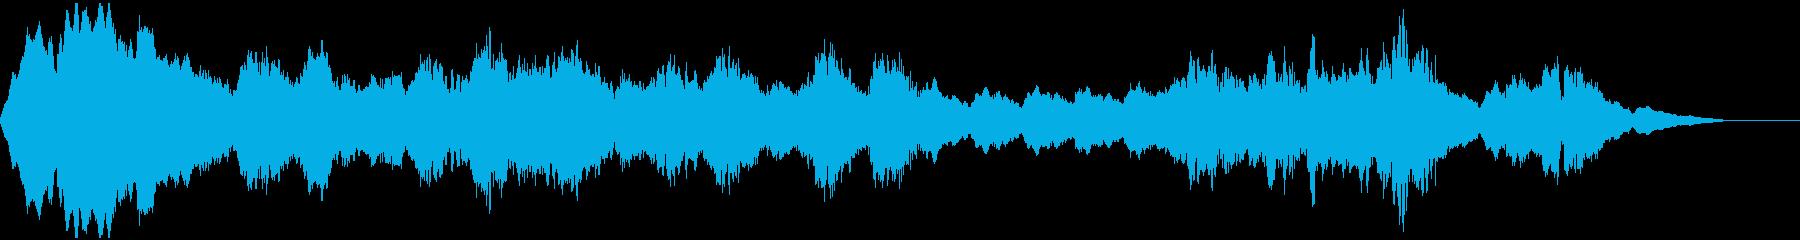 ホラーダークなアンビエントの再生済みの波形